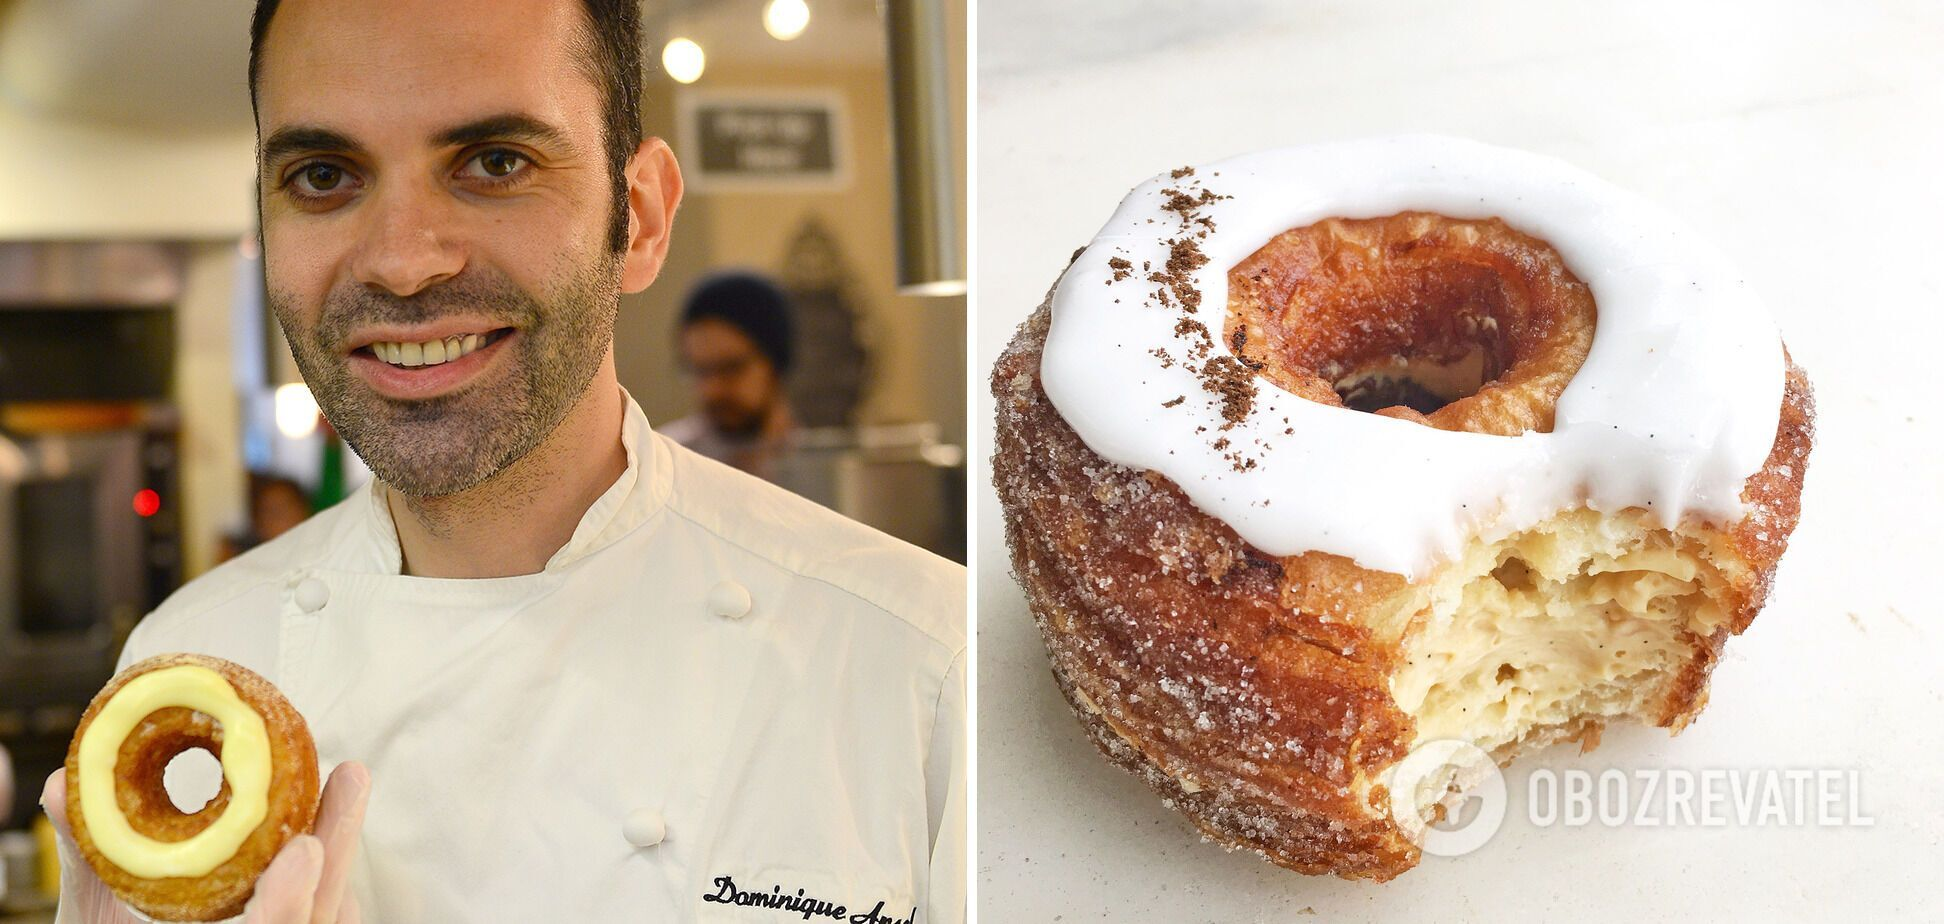 Американський круасан у пекарні Dominique Ansel Bakery